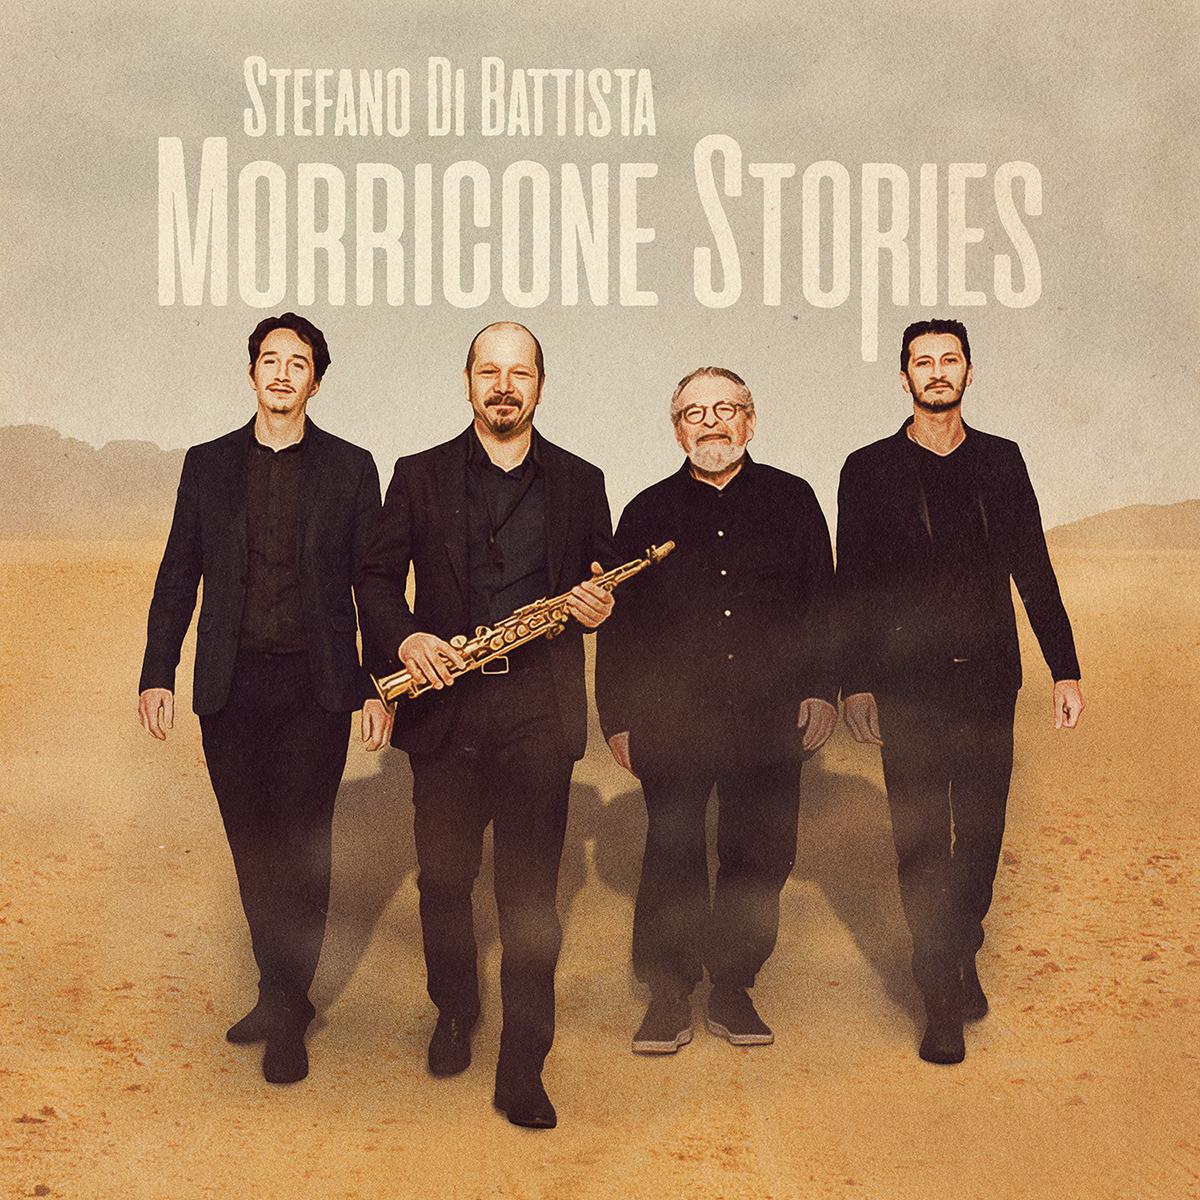 Stefano Di Battista sort l'album Morricone Stories le 02/04/2021